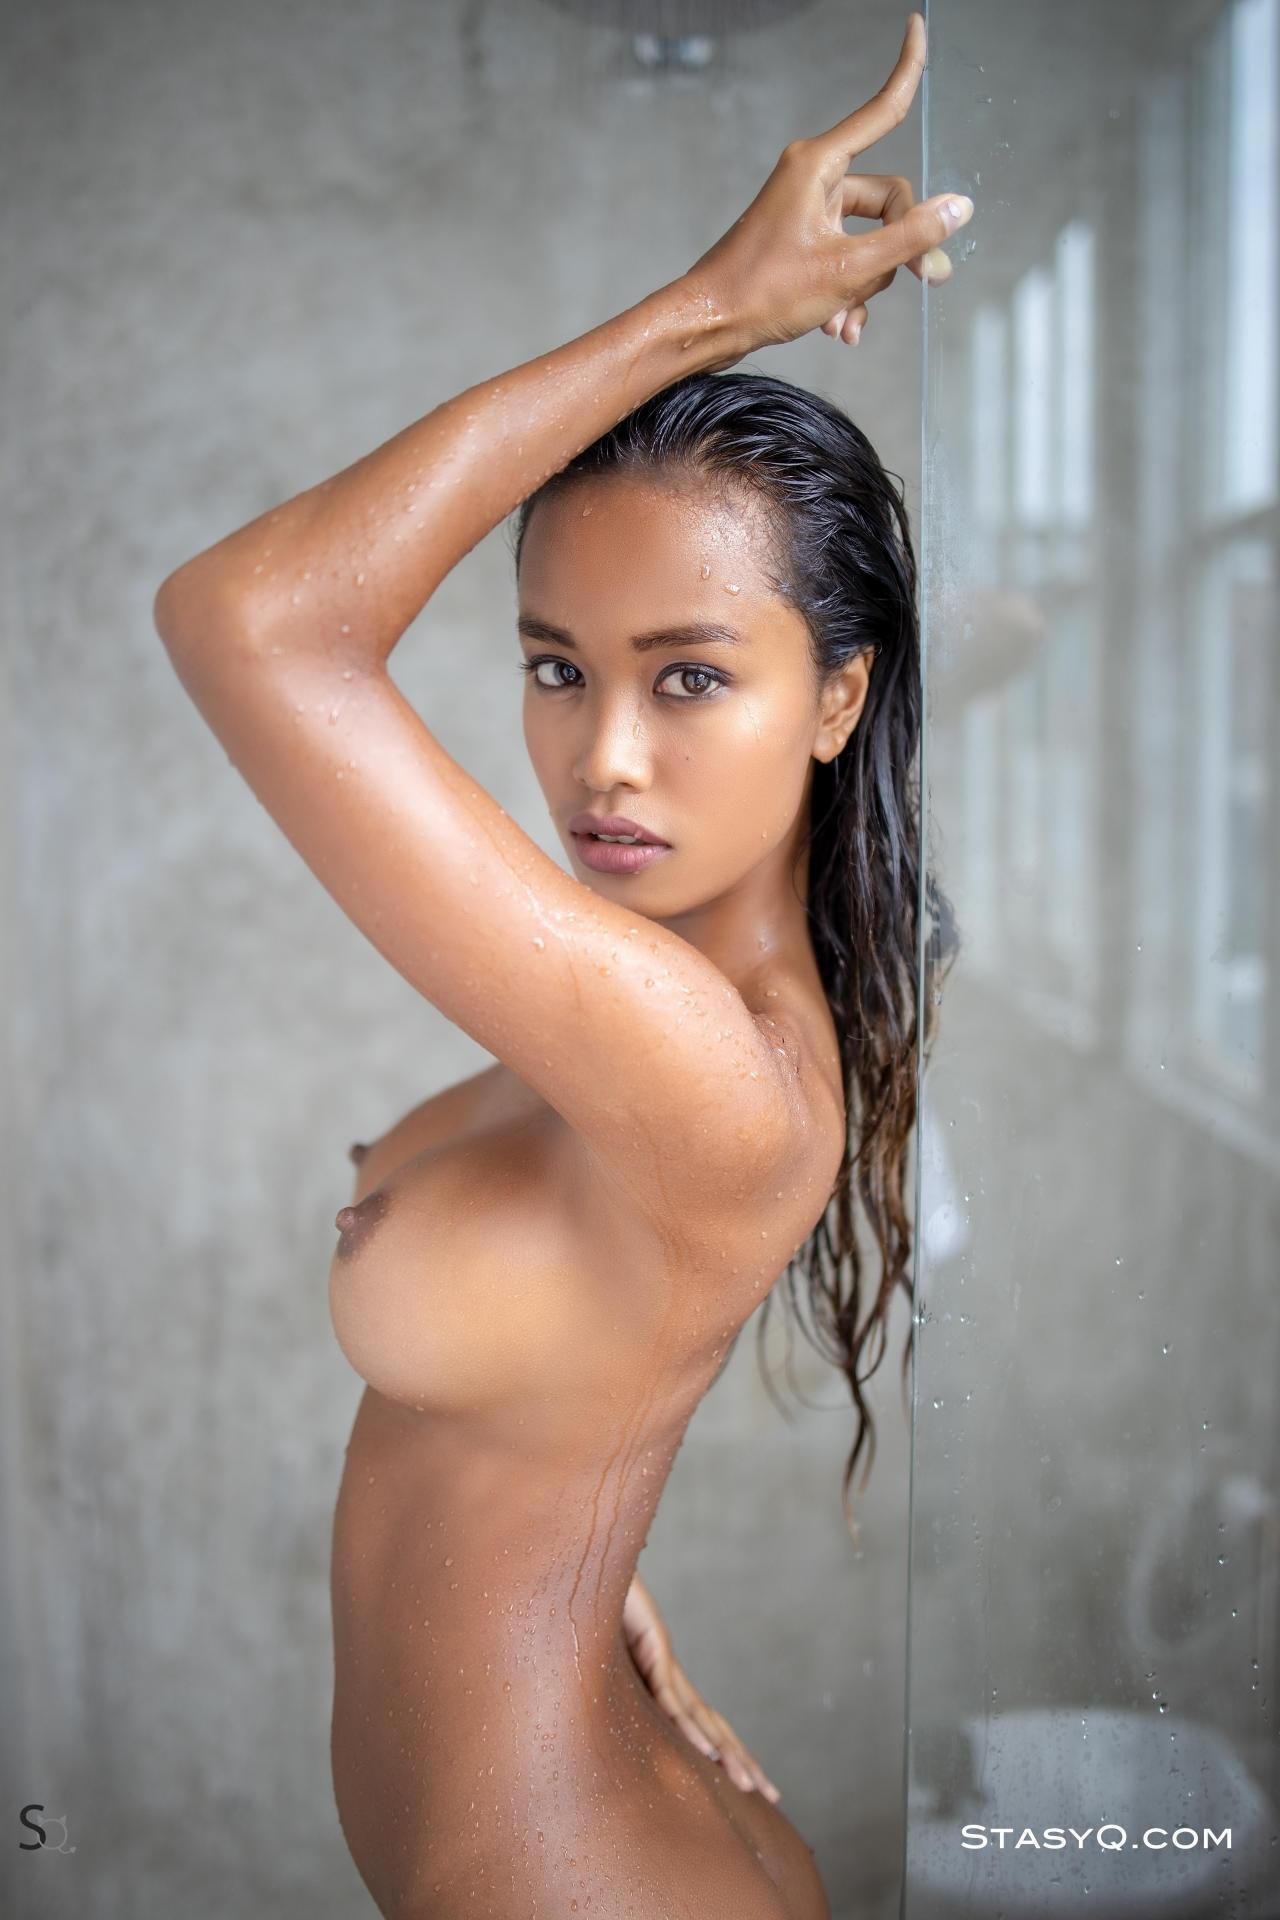 Putri Q Shower Set 14